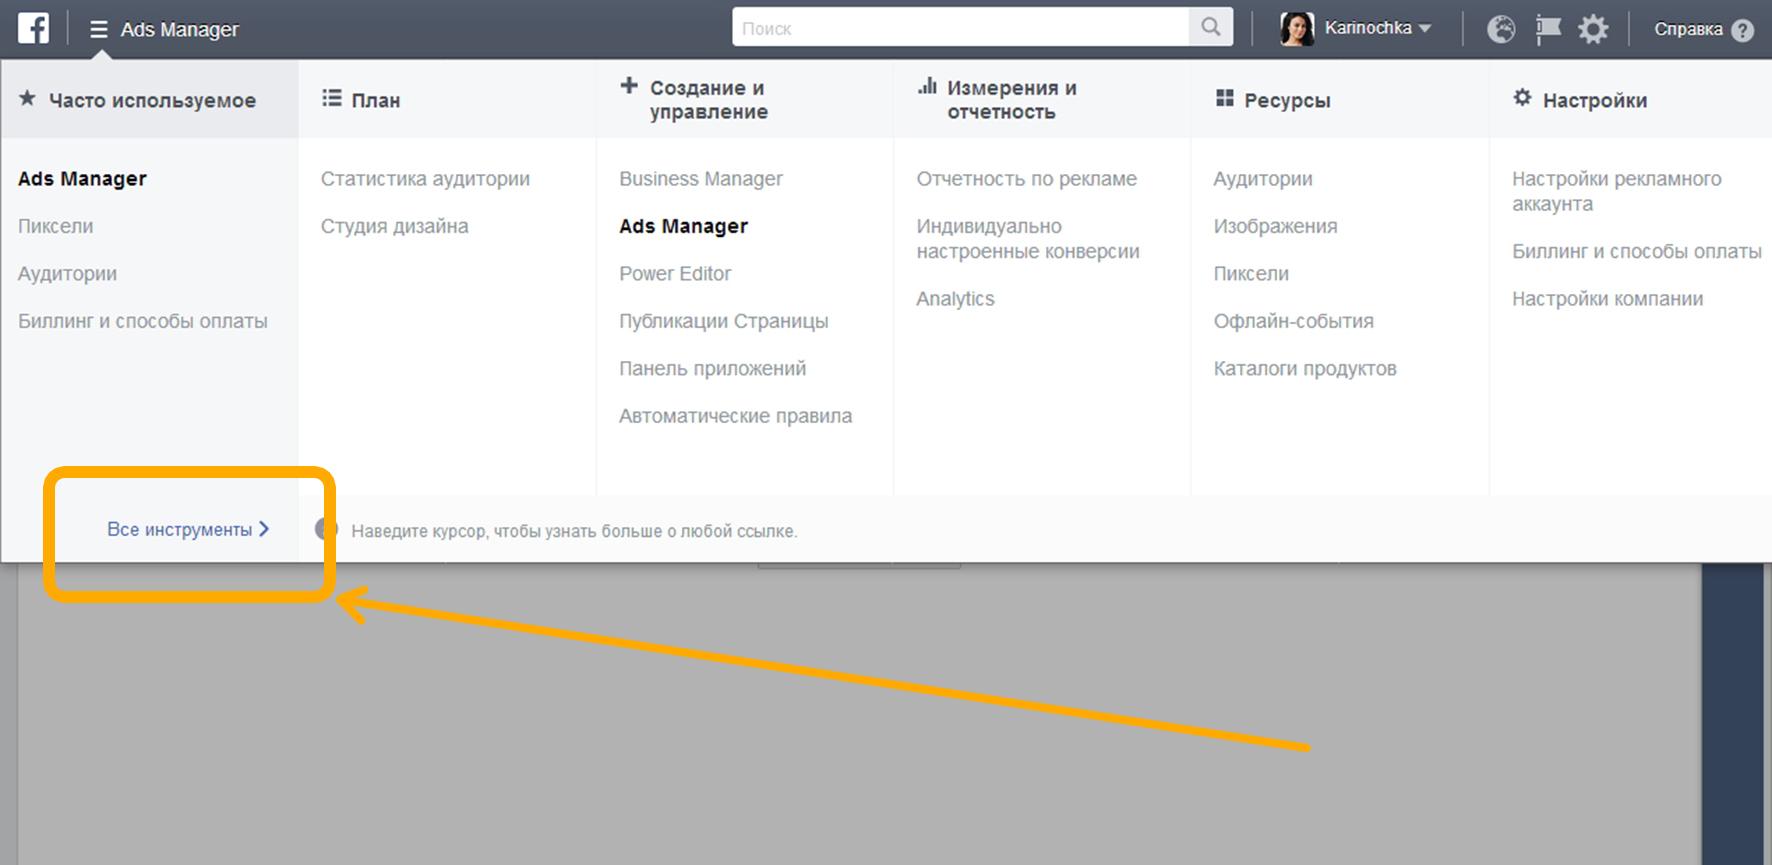 Кнопка со стрелкой, поясняющие пользователю, что при нажатии можно получить доступ ко всем категориям меню.